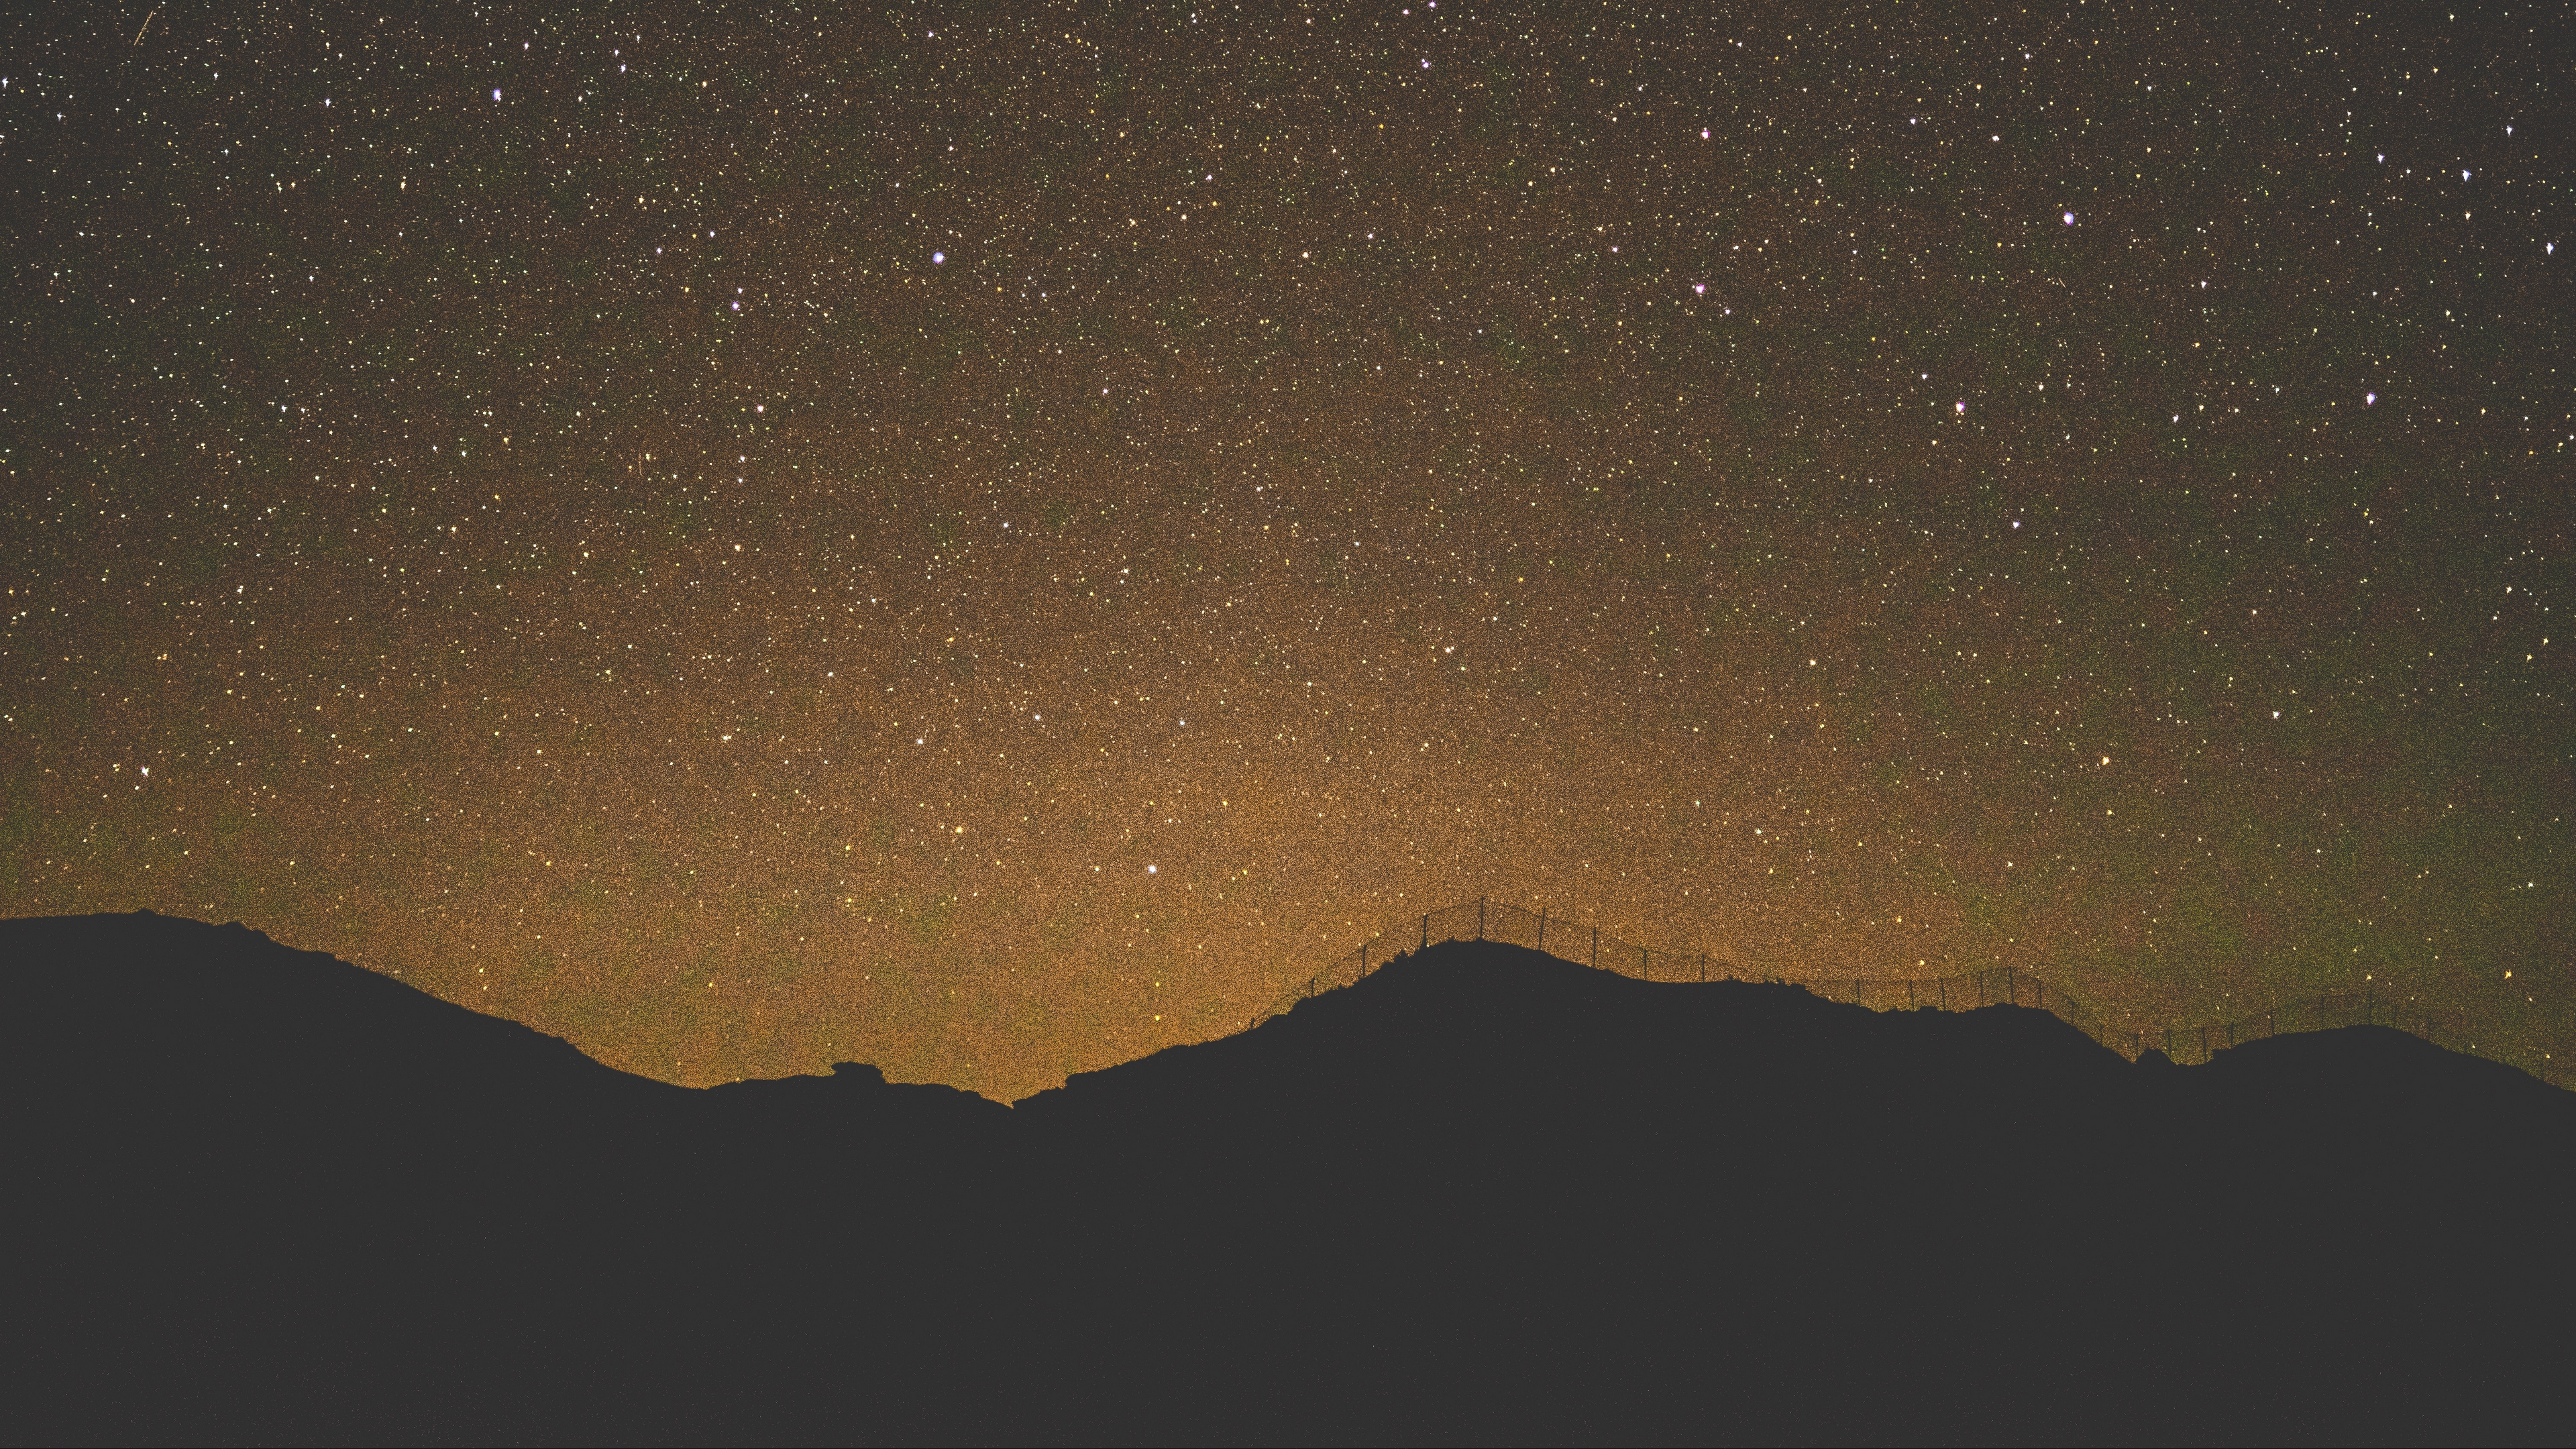 starry sky horizon night 4k 1540575279 - starry sky, horizon, night 4k - starry sky, Night, Horizon